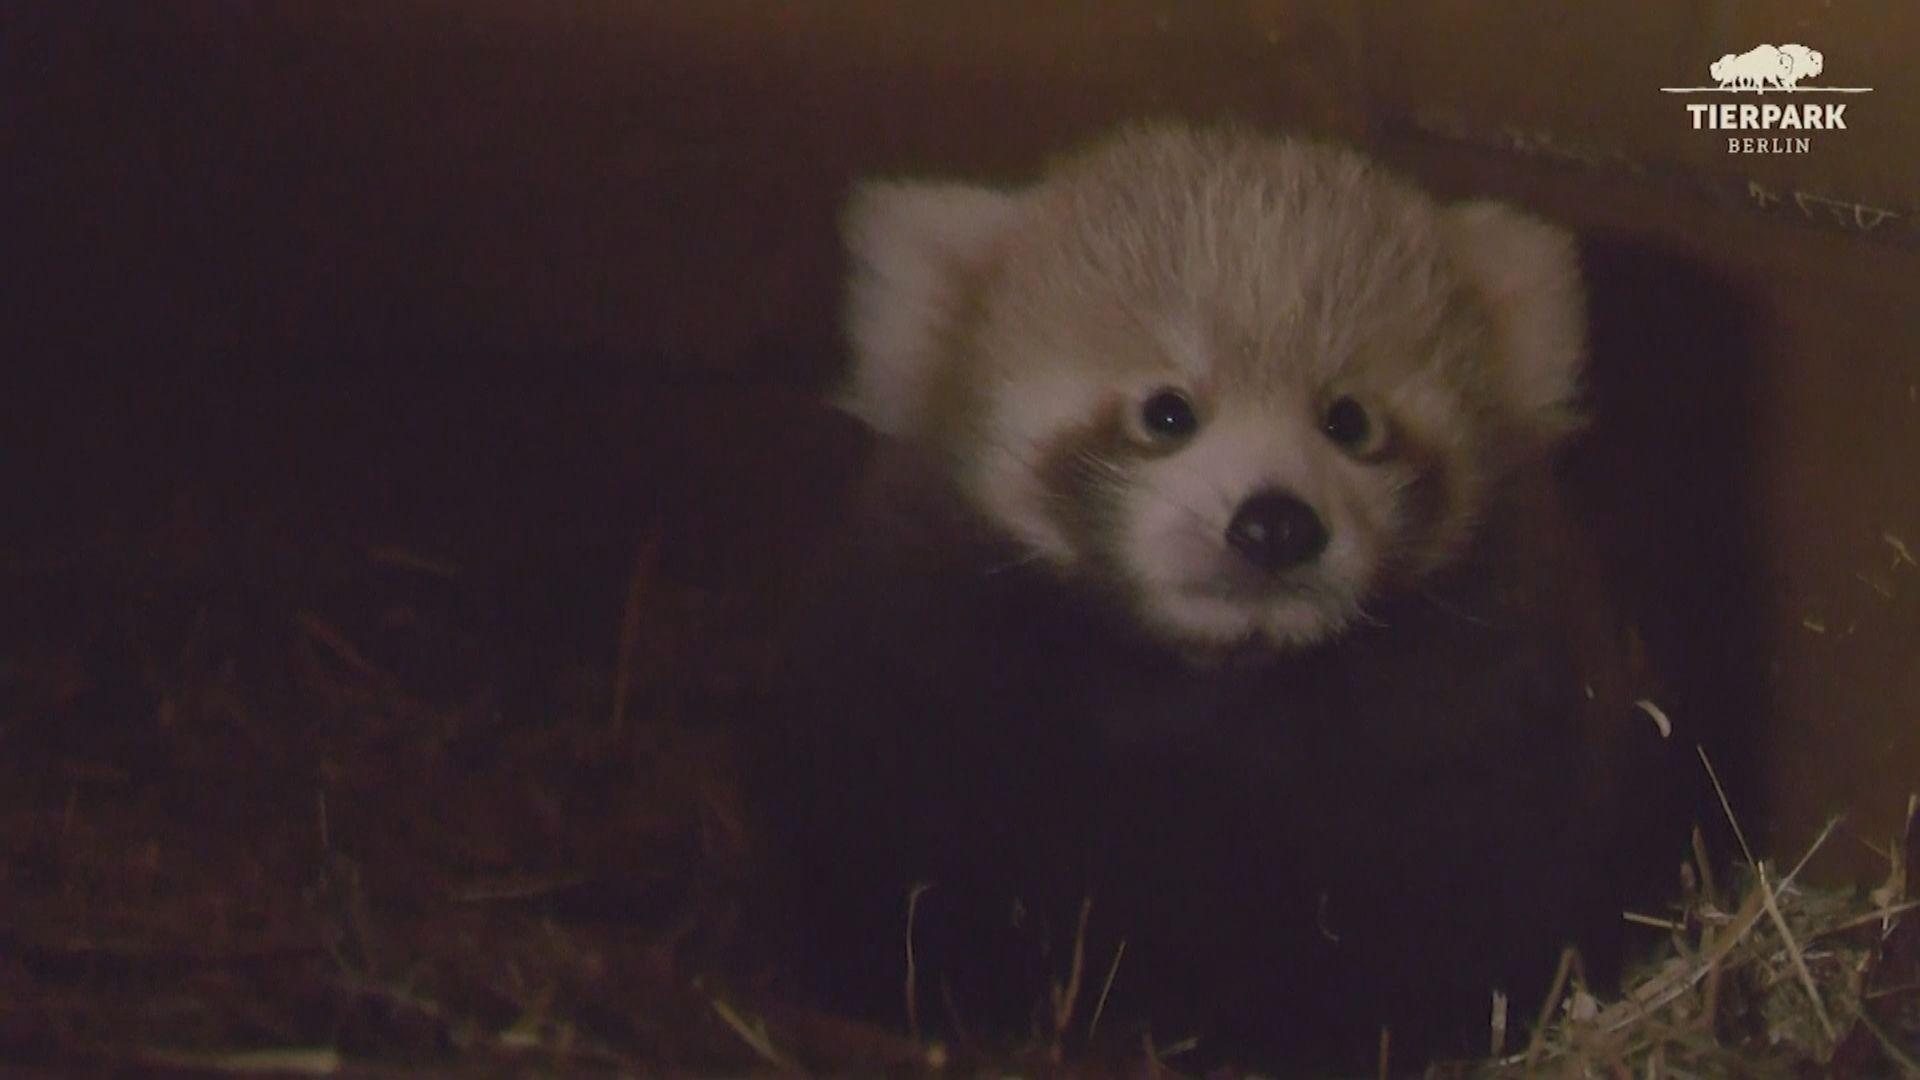 【環球薈報】德國動物園誕瀕危小熊貓